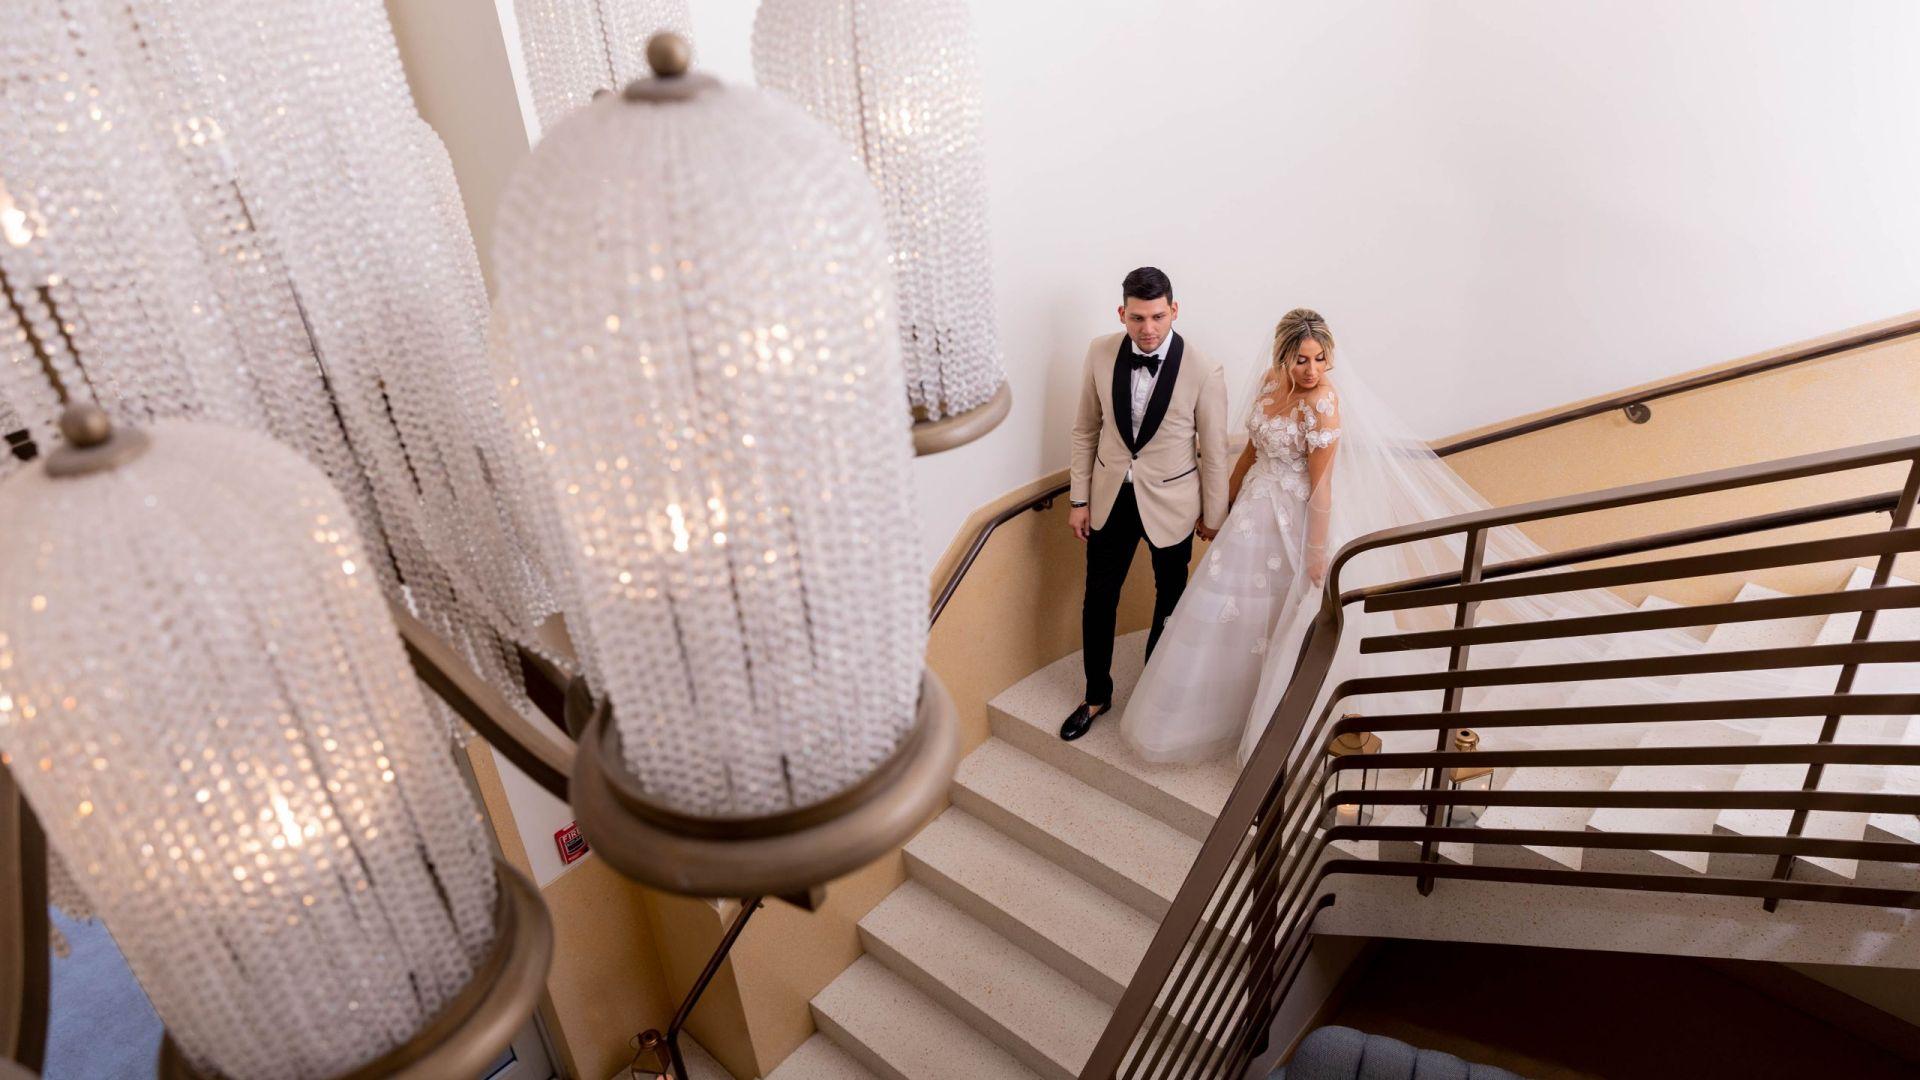 Wedding Reception Space at The Confidante Miami Beach